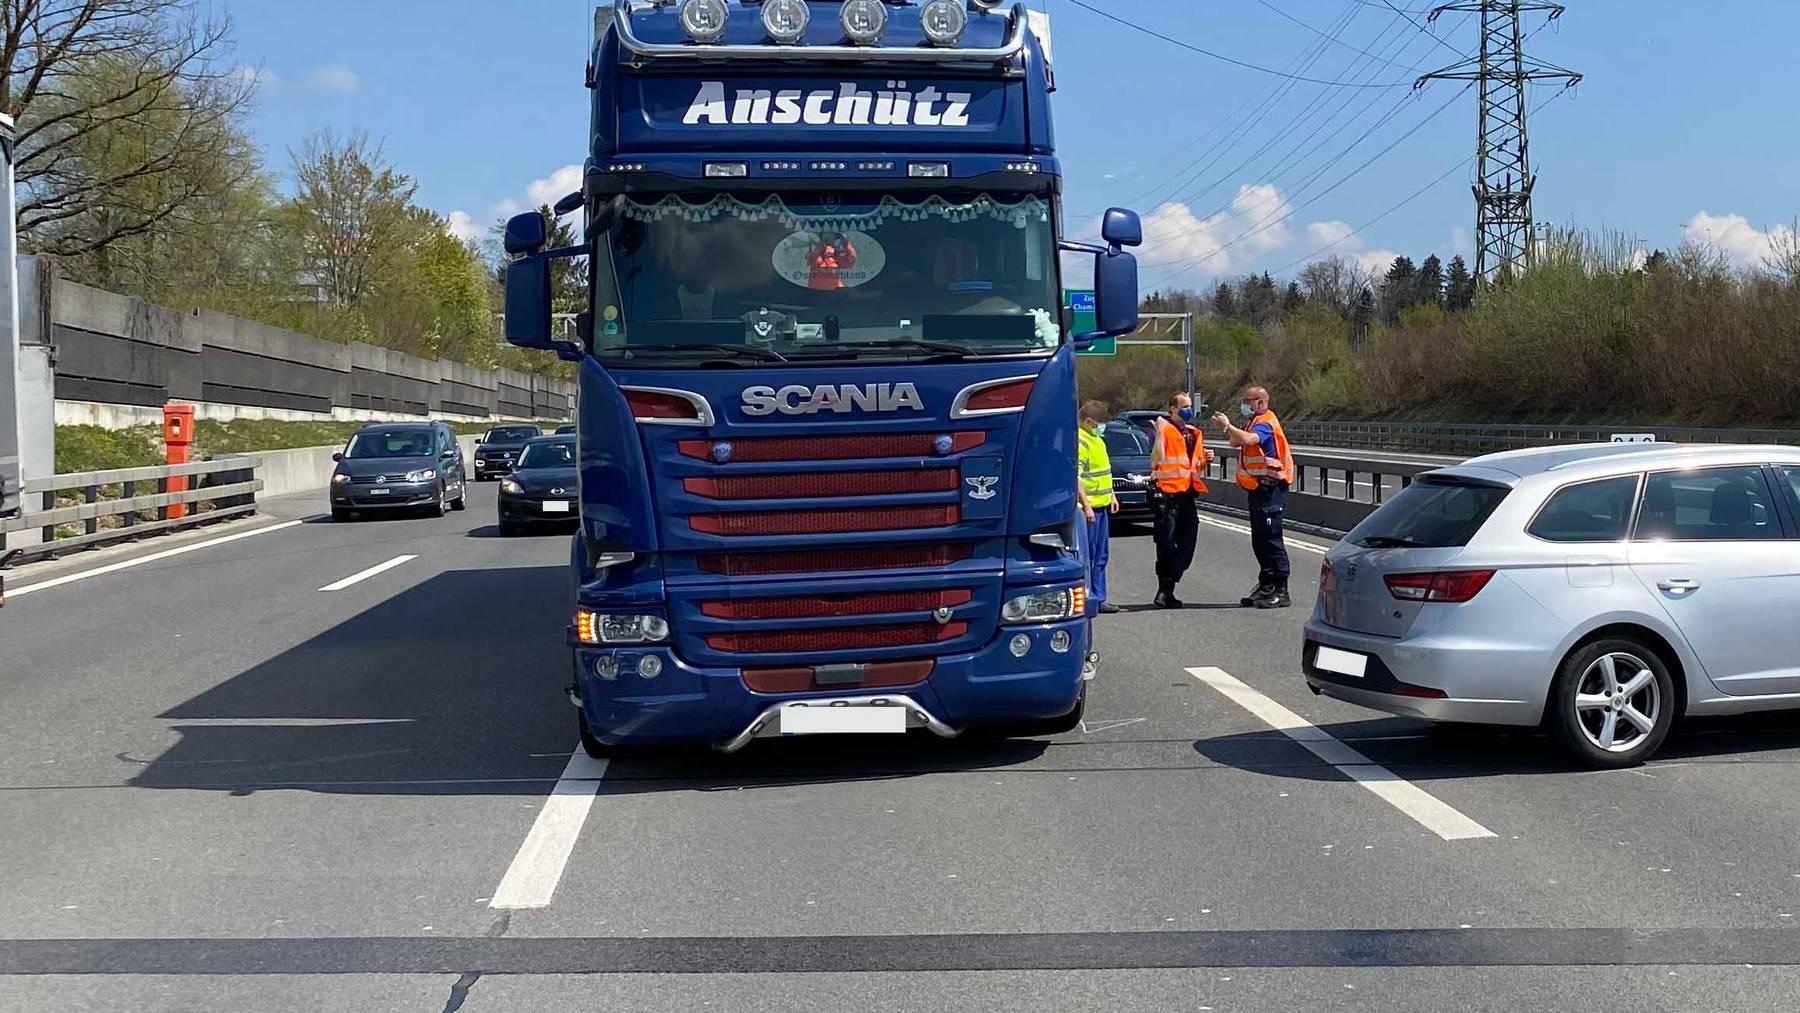 MM073_Cham_Kollision zwischen Auto und Lastwagen-Zeugenaufruf